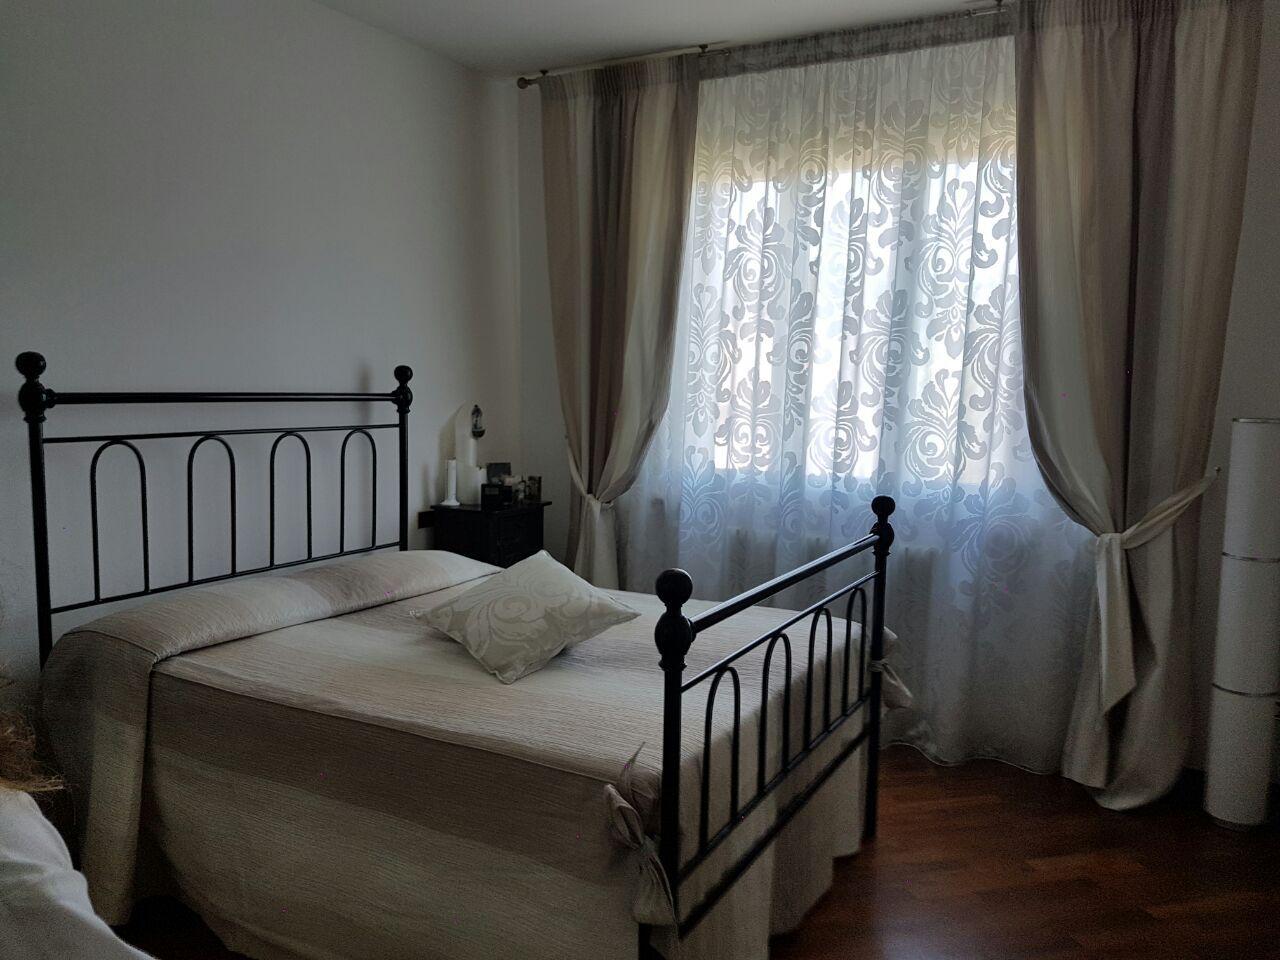 Tende arricciate con fantasia floreale per camera da letto - Tende moderne camera da letto ...